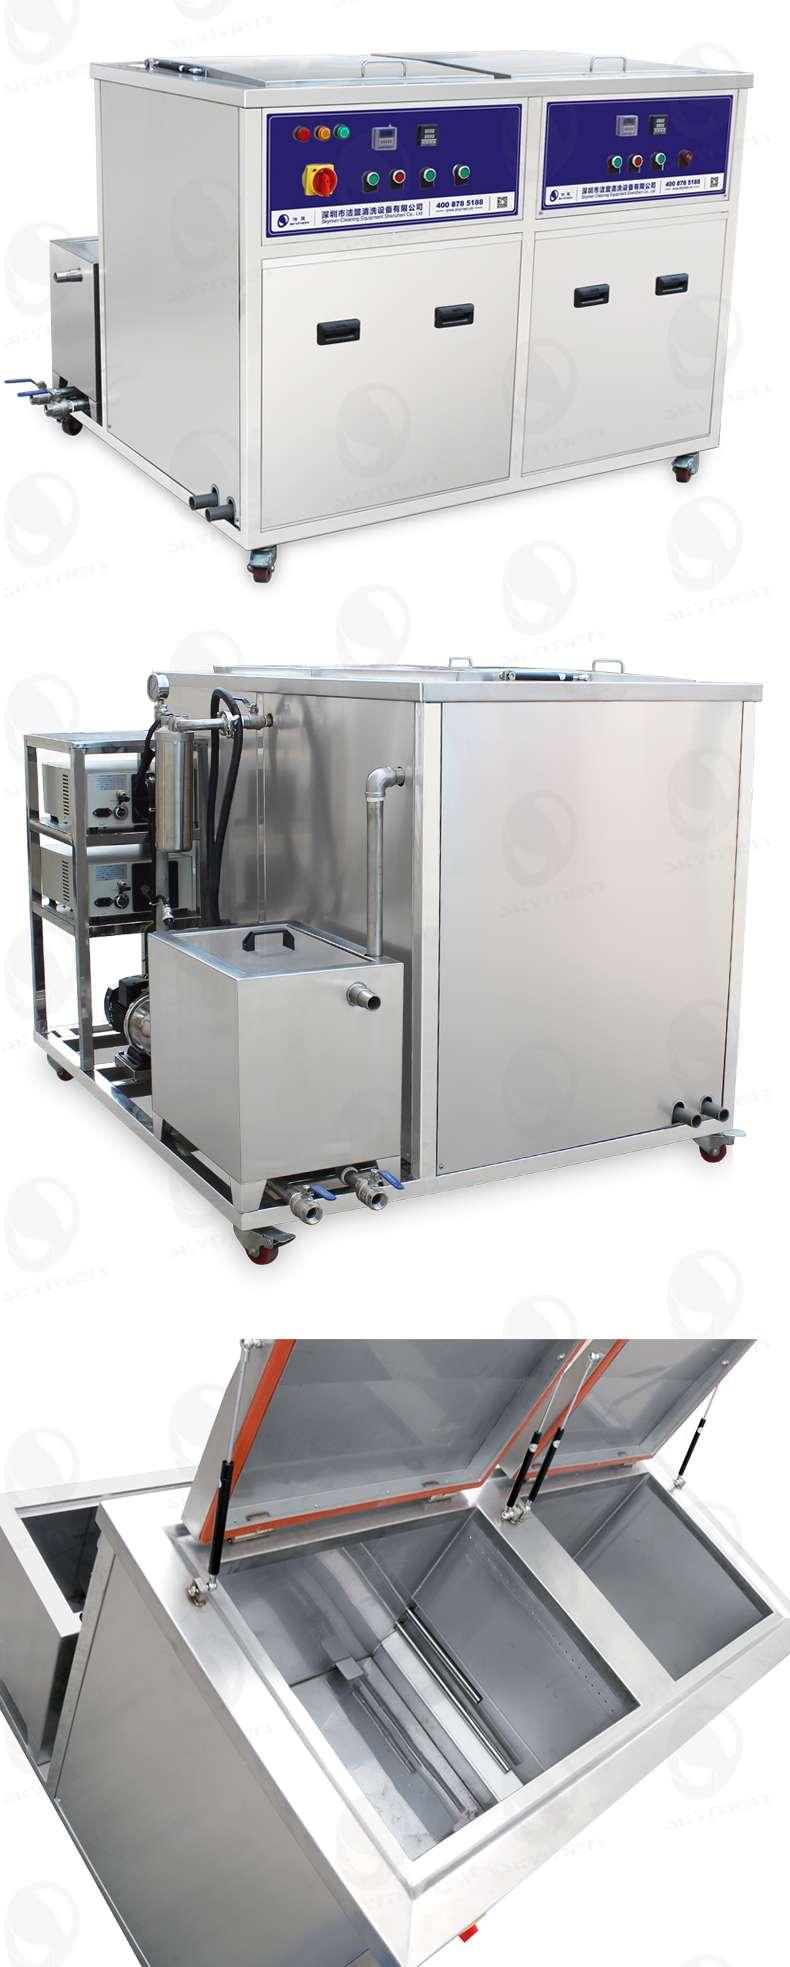 超声波清洗烘干一体机,超声波清洗烘干一体机定制-洁盟清洗设备